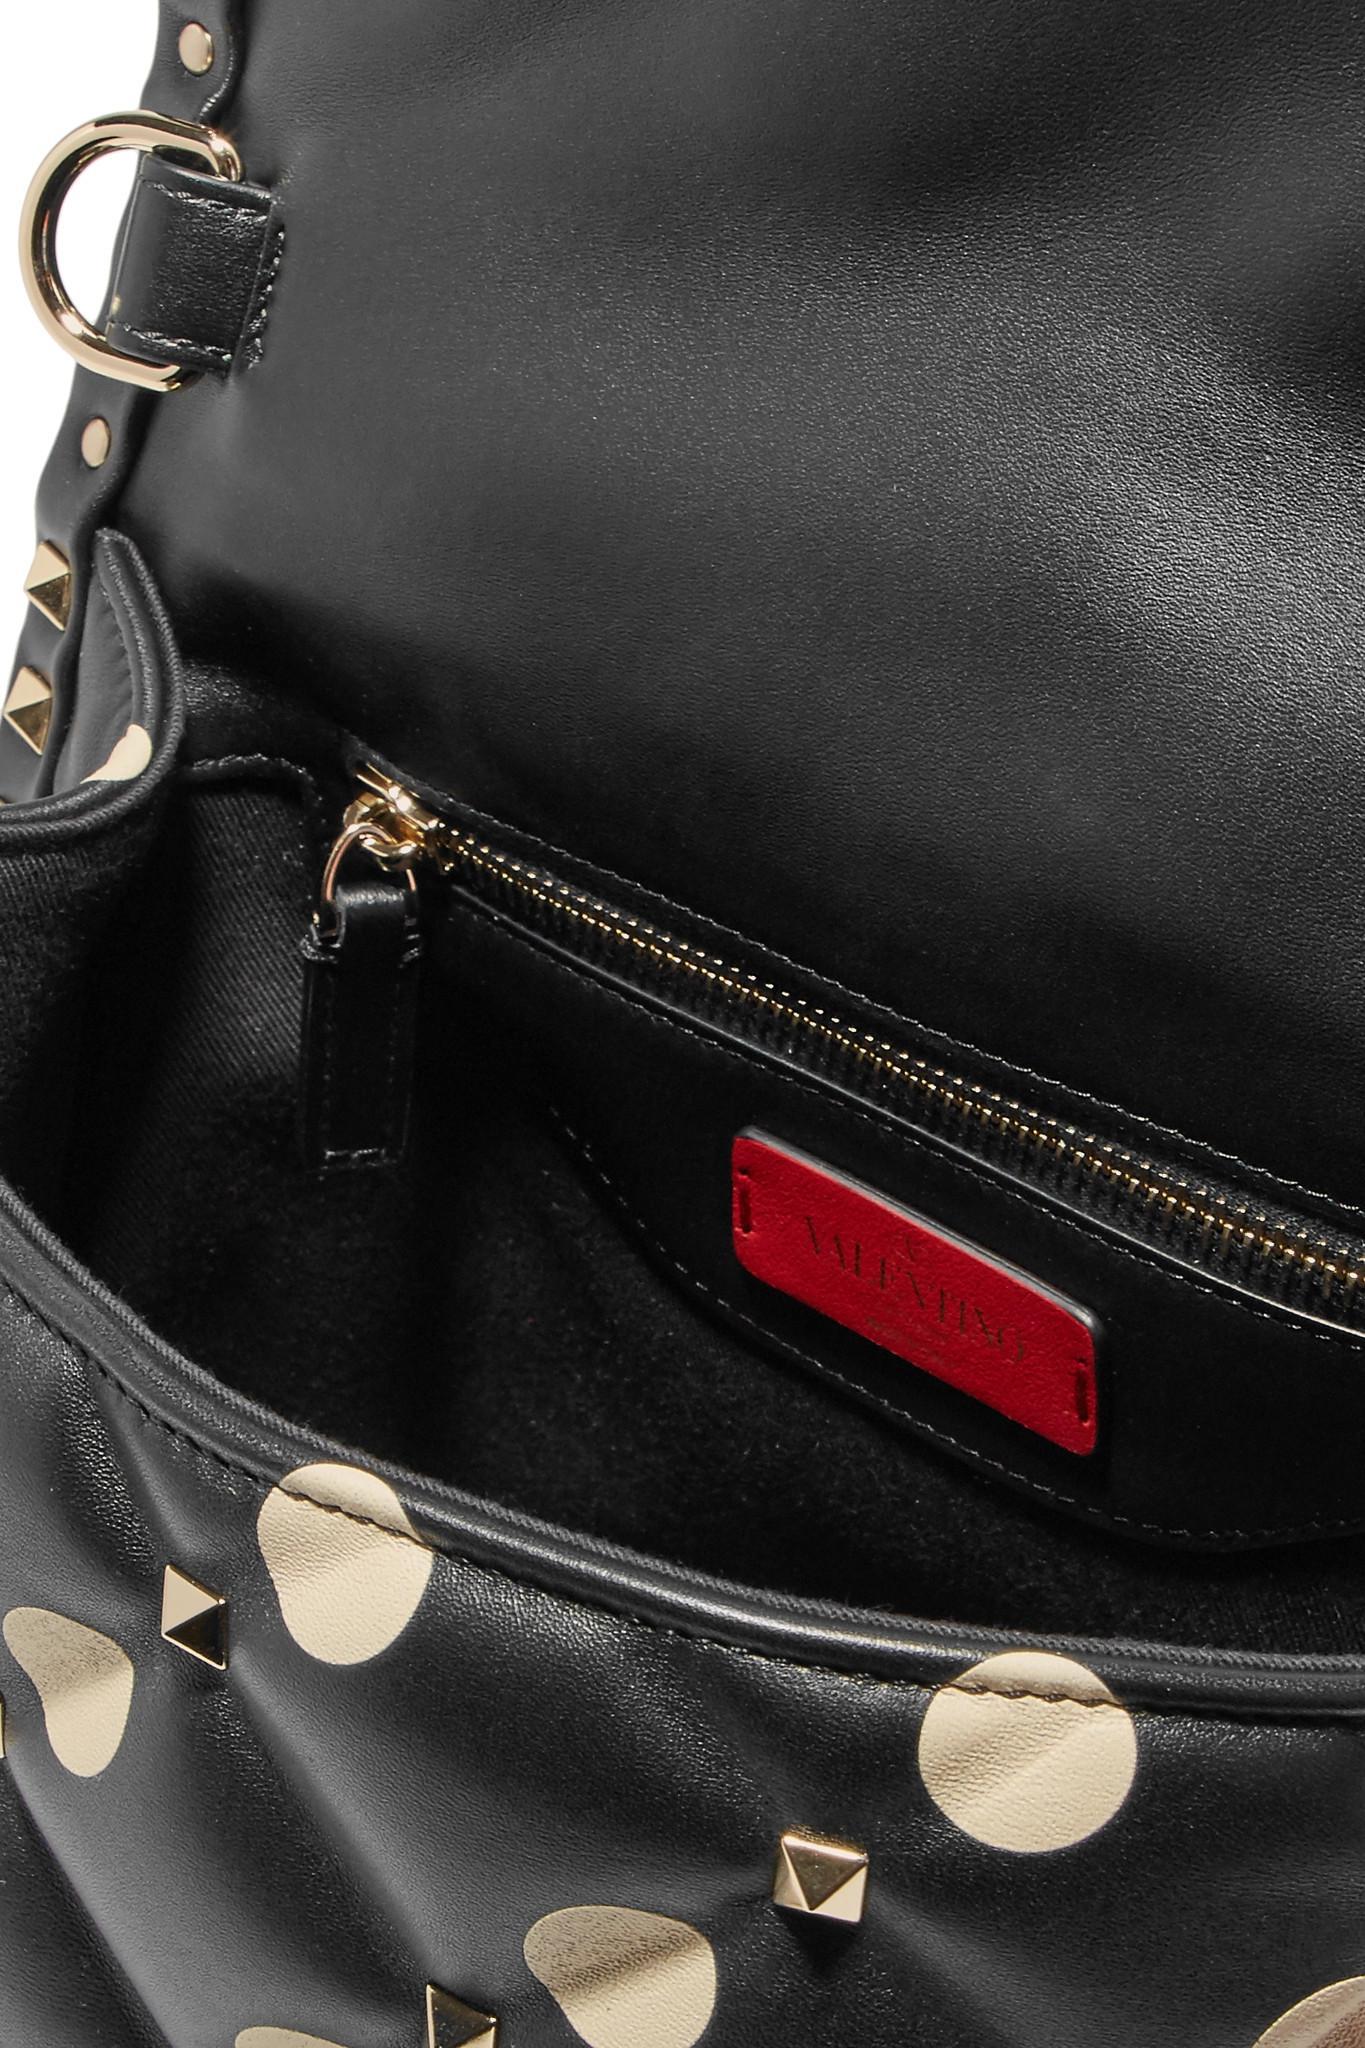 982796bf8bad valentino-black-Garavani-Candystud-Polka-dot-Quilted-Leather-Shoulder-Bag .jpeg